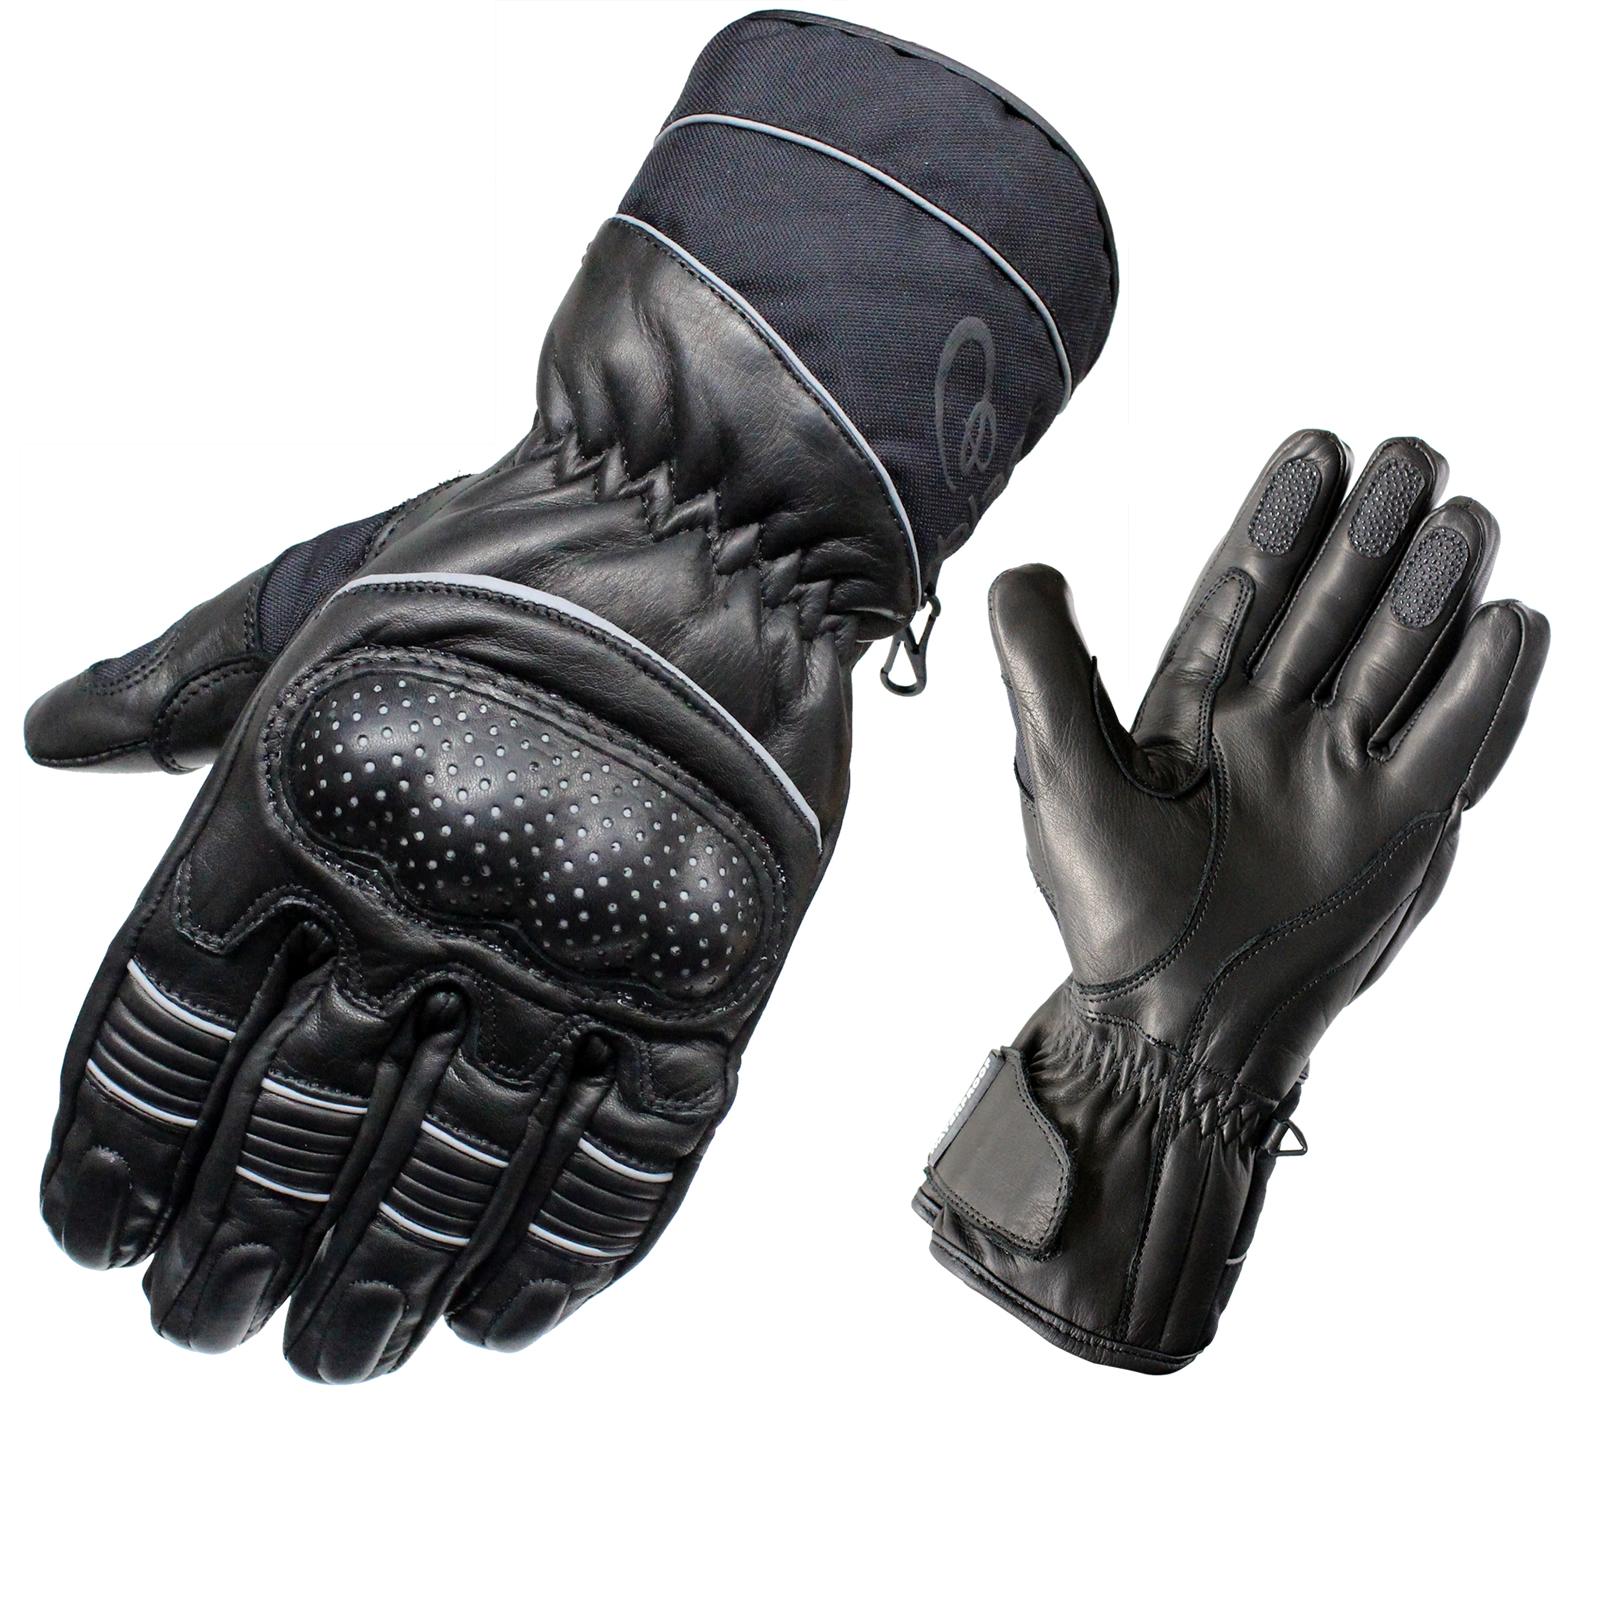 Motorcycle gloves nepal - Black Vector Waterproof Leather Motorcycle Gloves Motorbike Touring City Bike